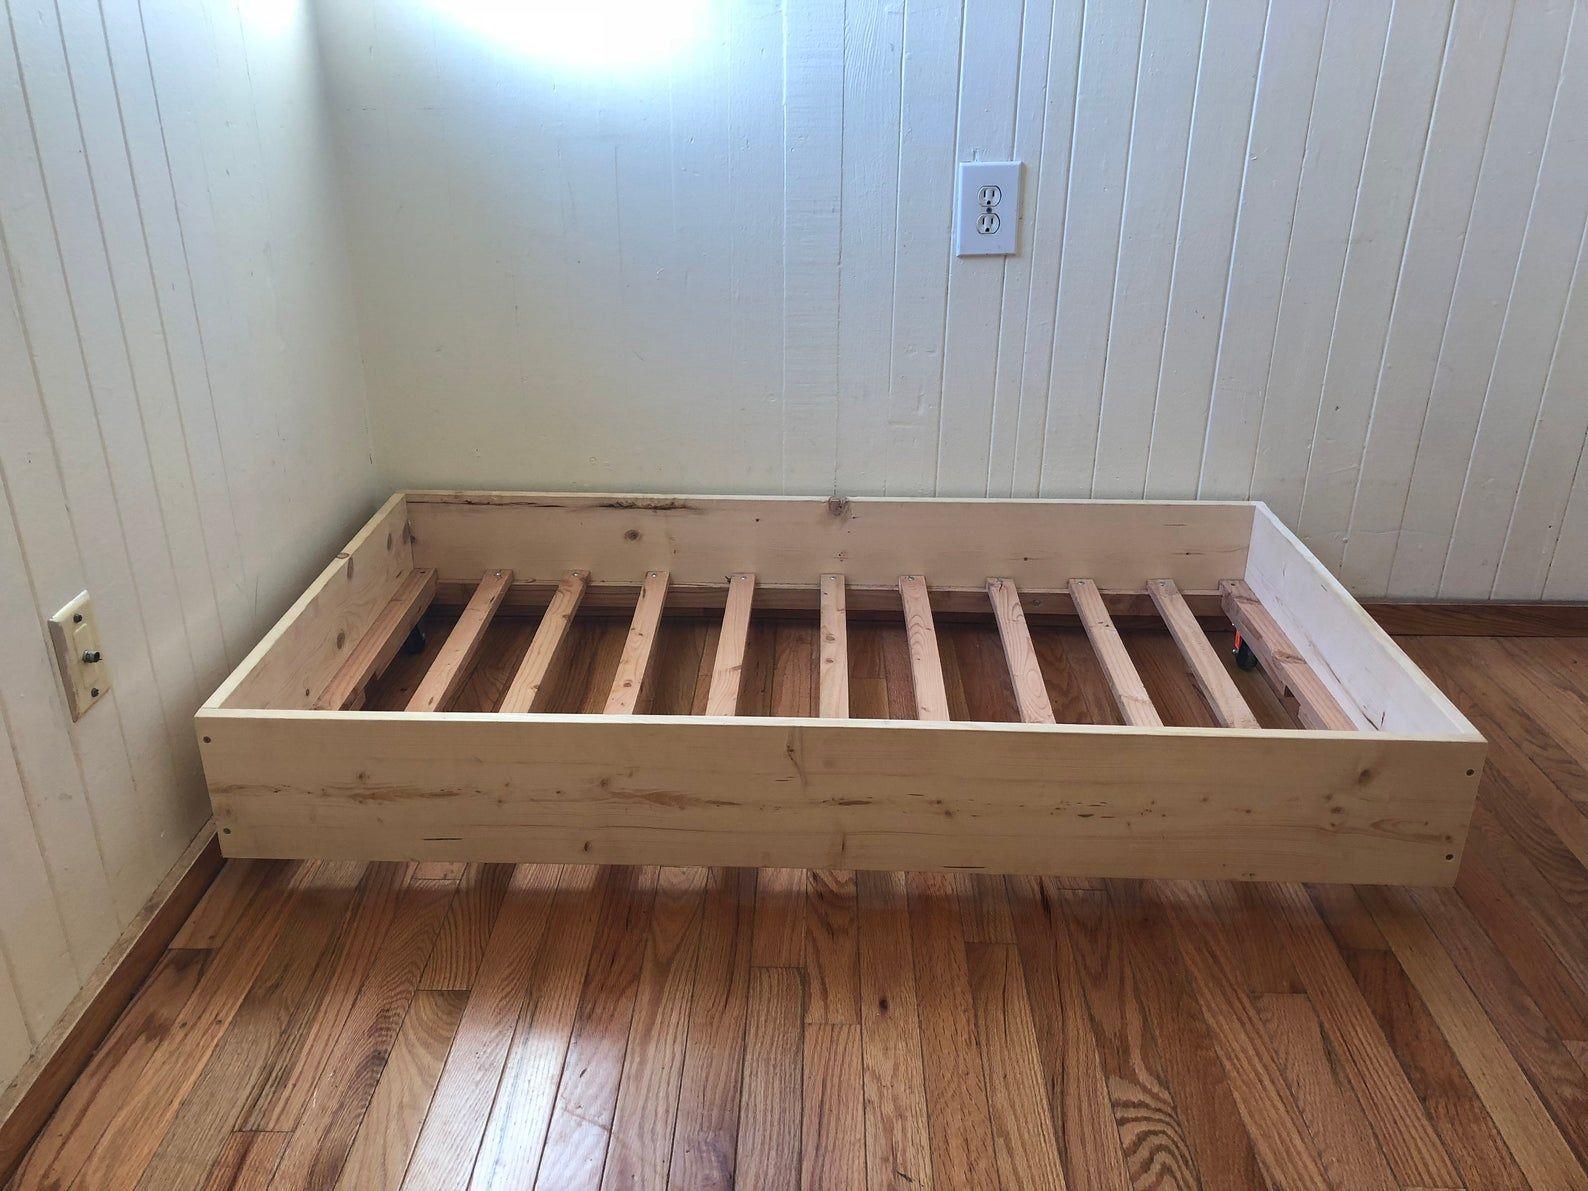 Platform Style Bed With Images Floor Bed Frame Diy Bed Frame